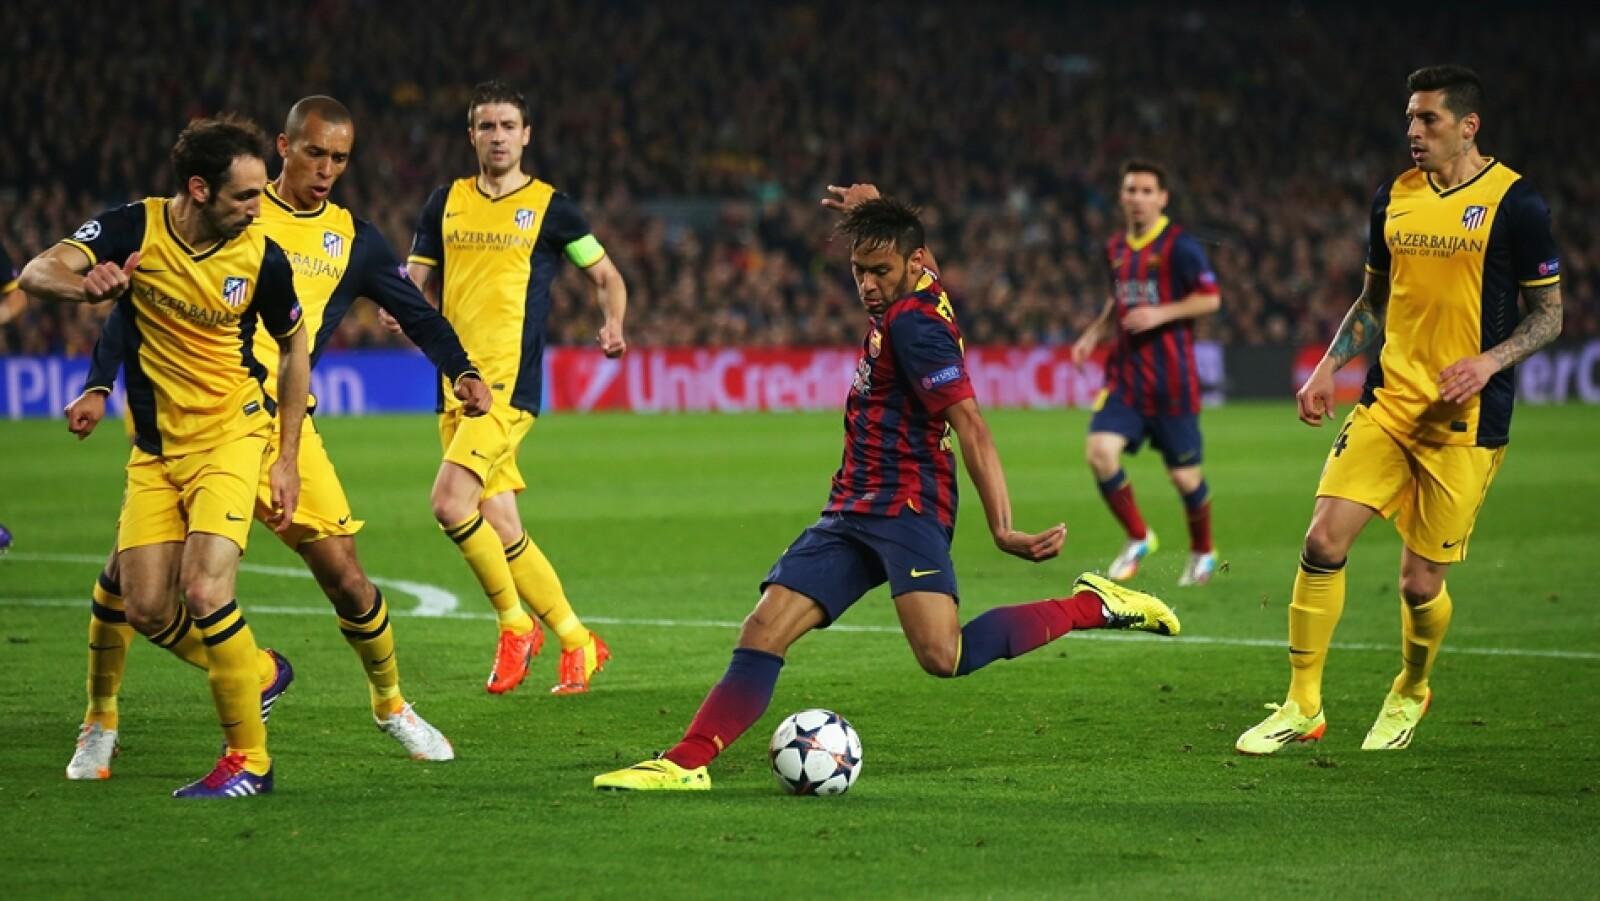 El brasileño Neymar anotó el gol del empate para Barcelona ante Atlético de Madrid